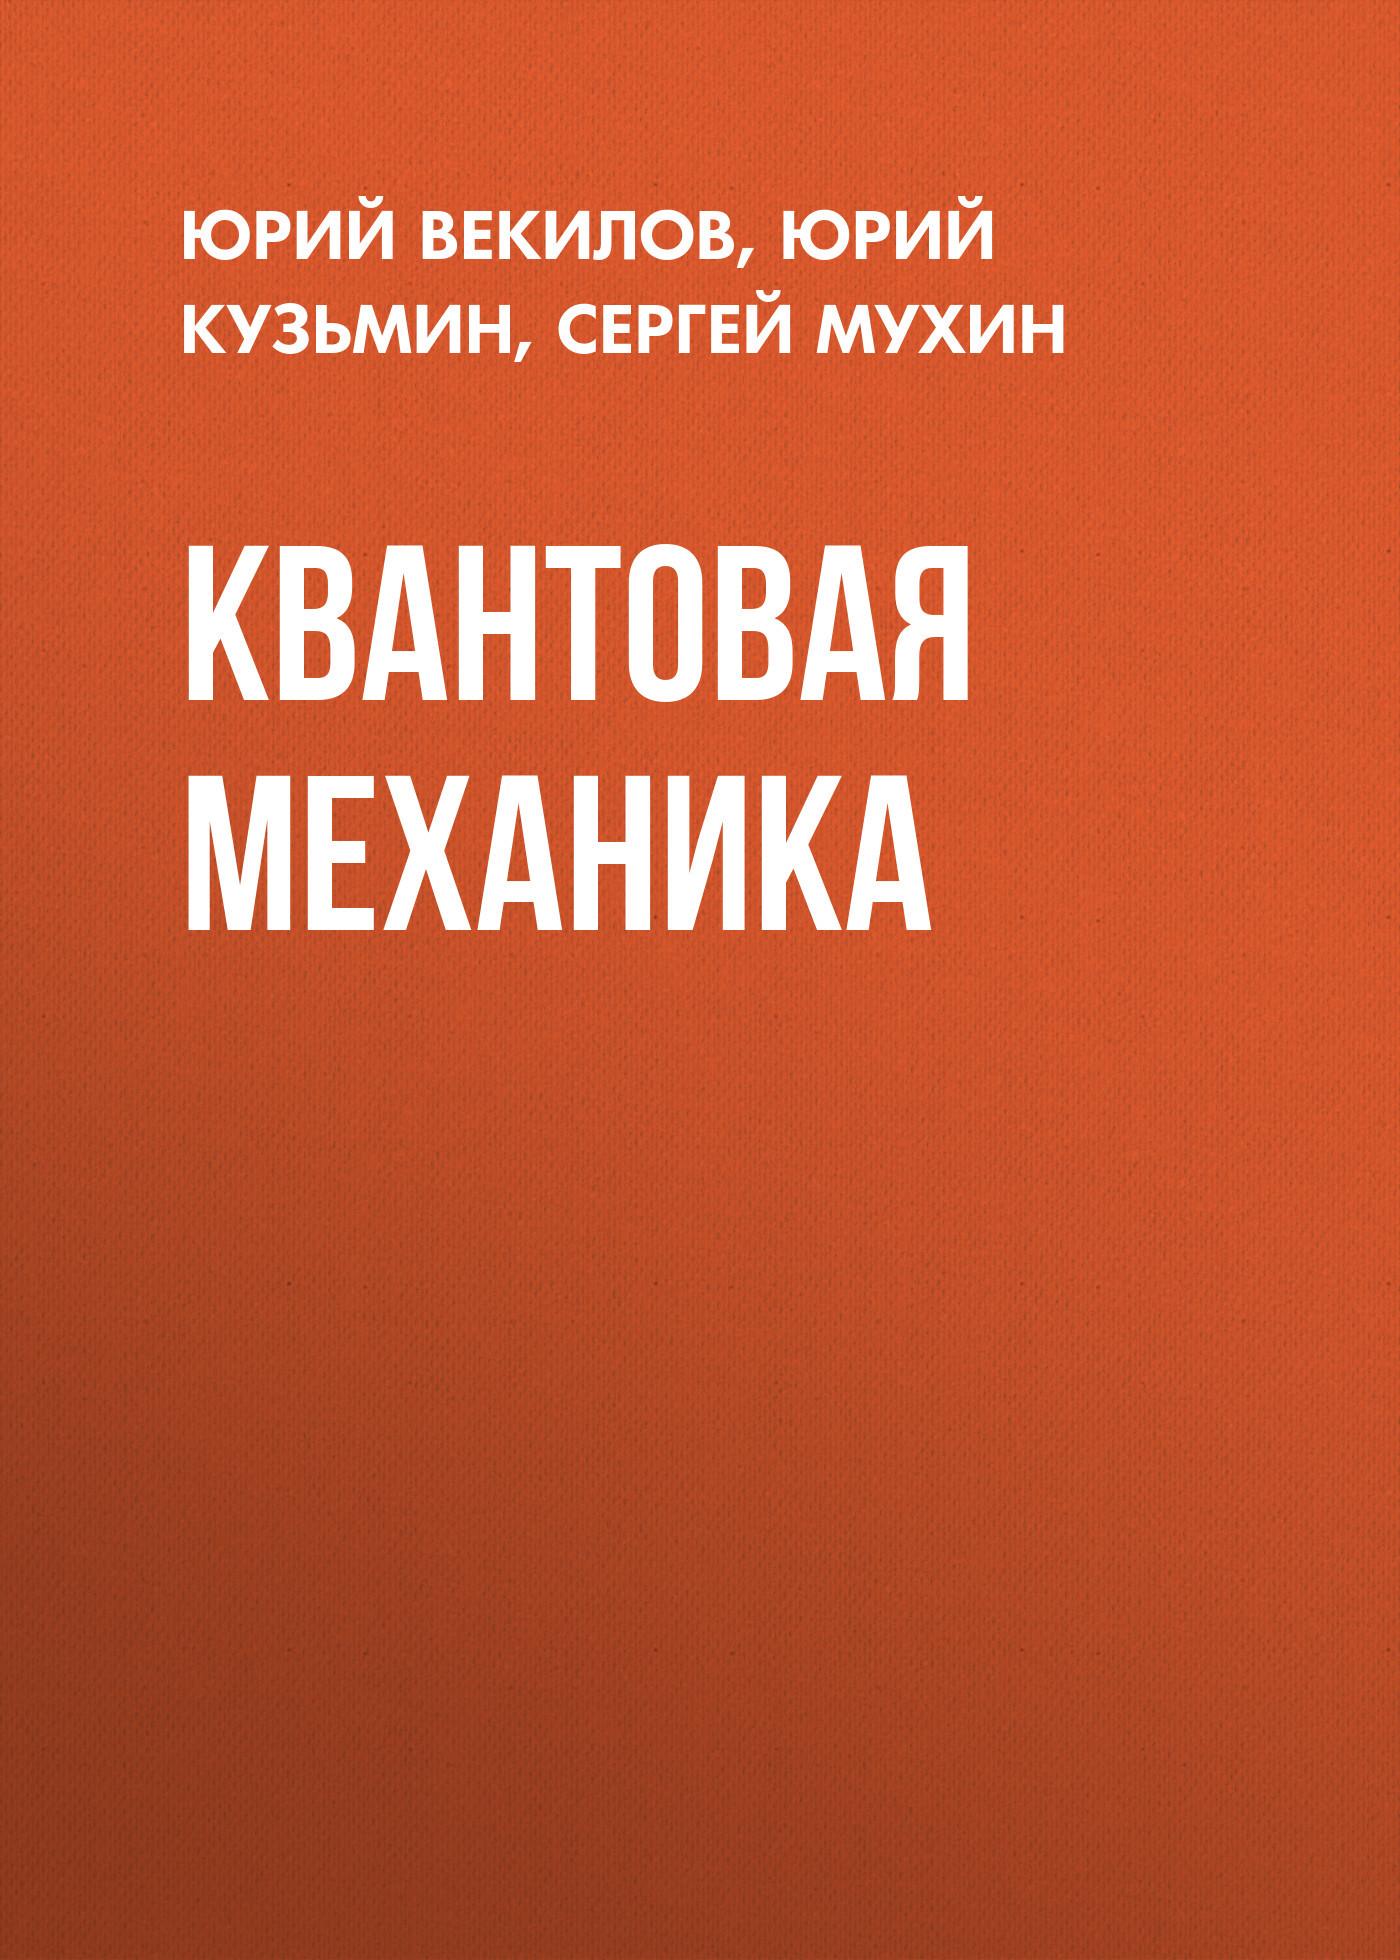 Юрий Векилов. Квантовая механика